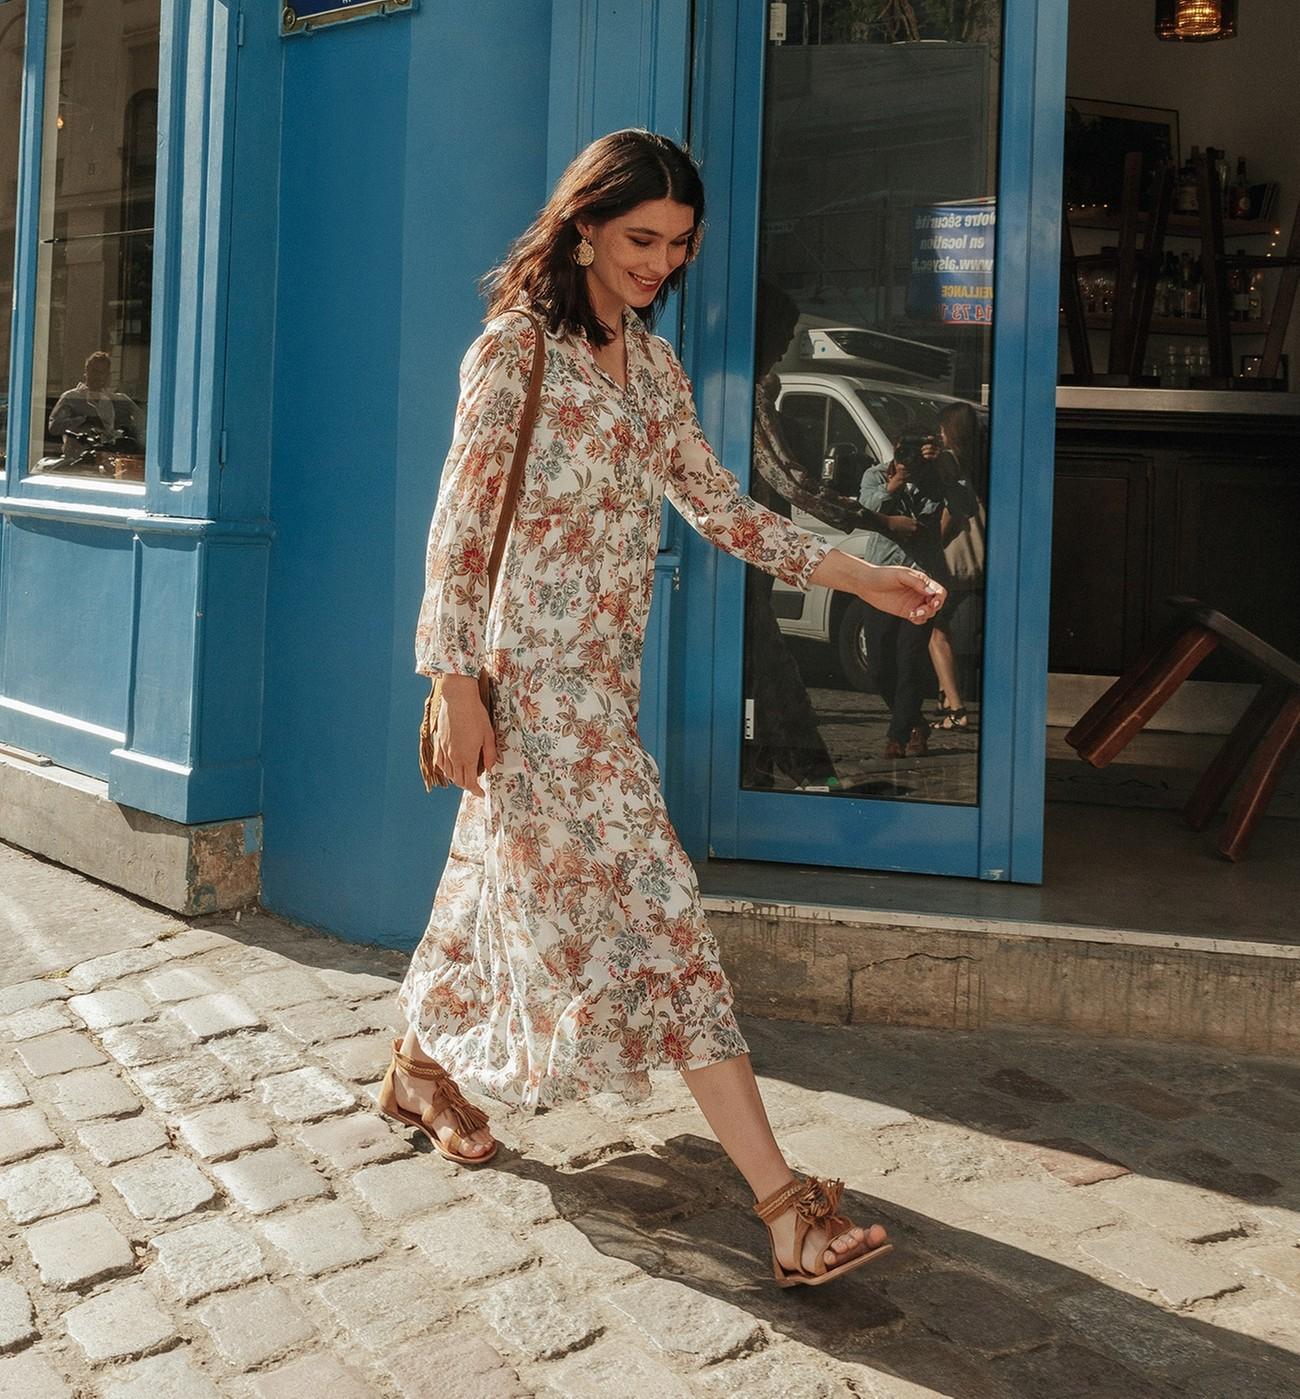 Femme Longue Femme Robe Robe Longue Promod Promod Robe Promod IyYb7vf6g